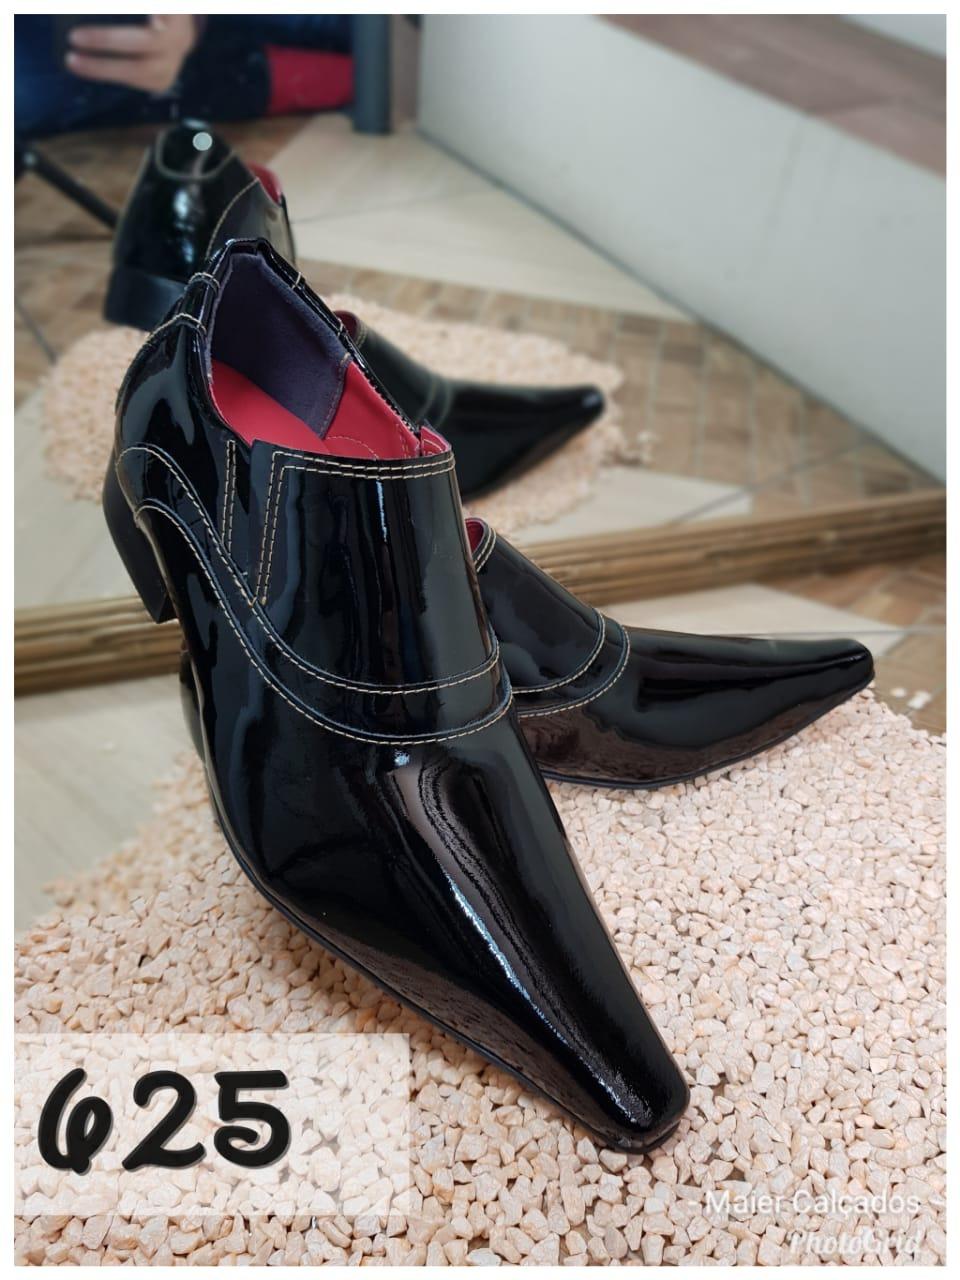 Sapatos social clássico em preto verniz com bico extra fino